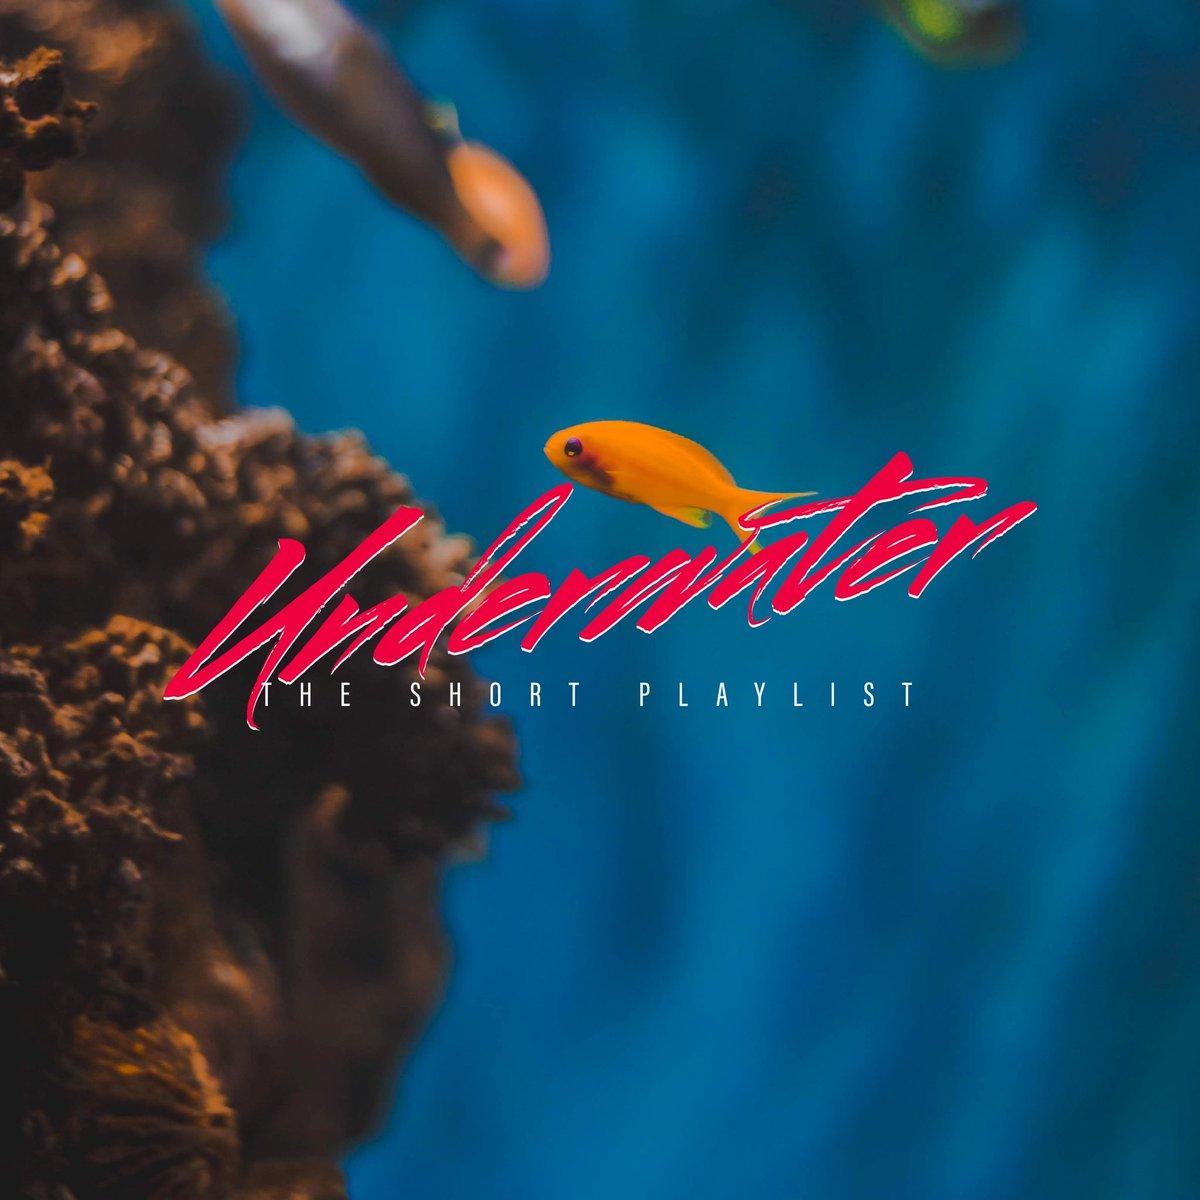 Underwater Short Playlist drops tomorrow!! Yaaaaaaaaay <br>http://pic.twitter.com/ixLGUjaWAy